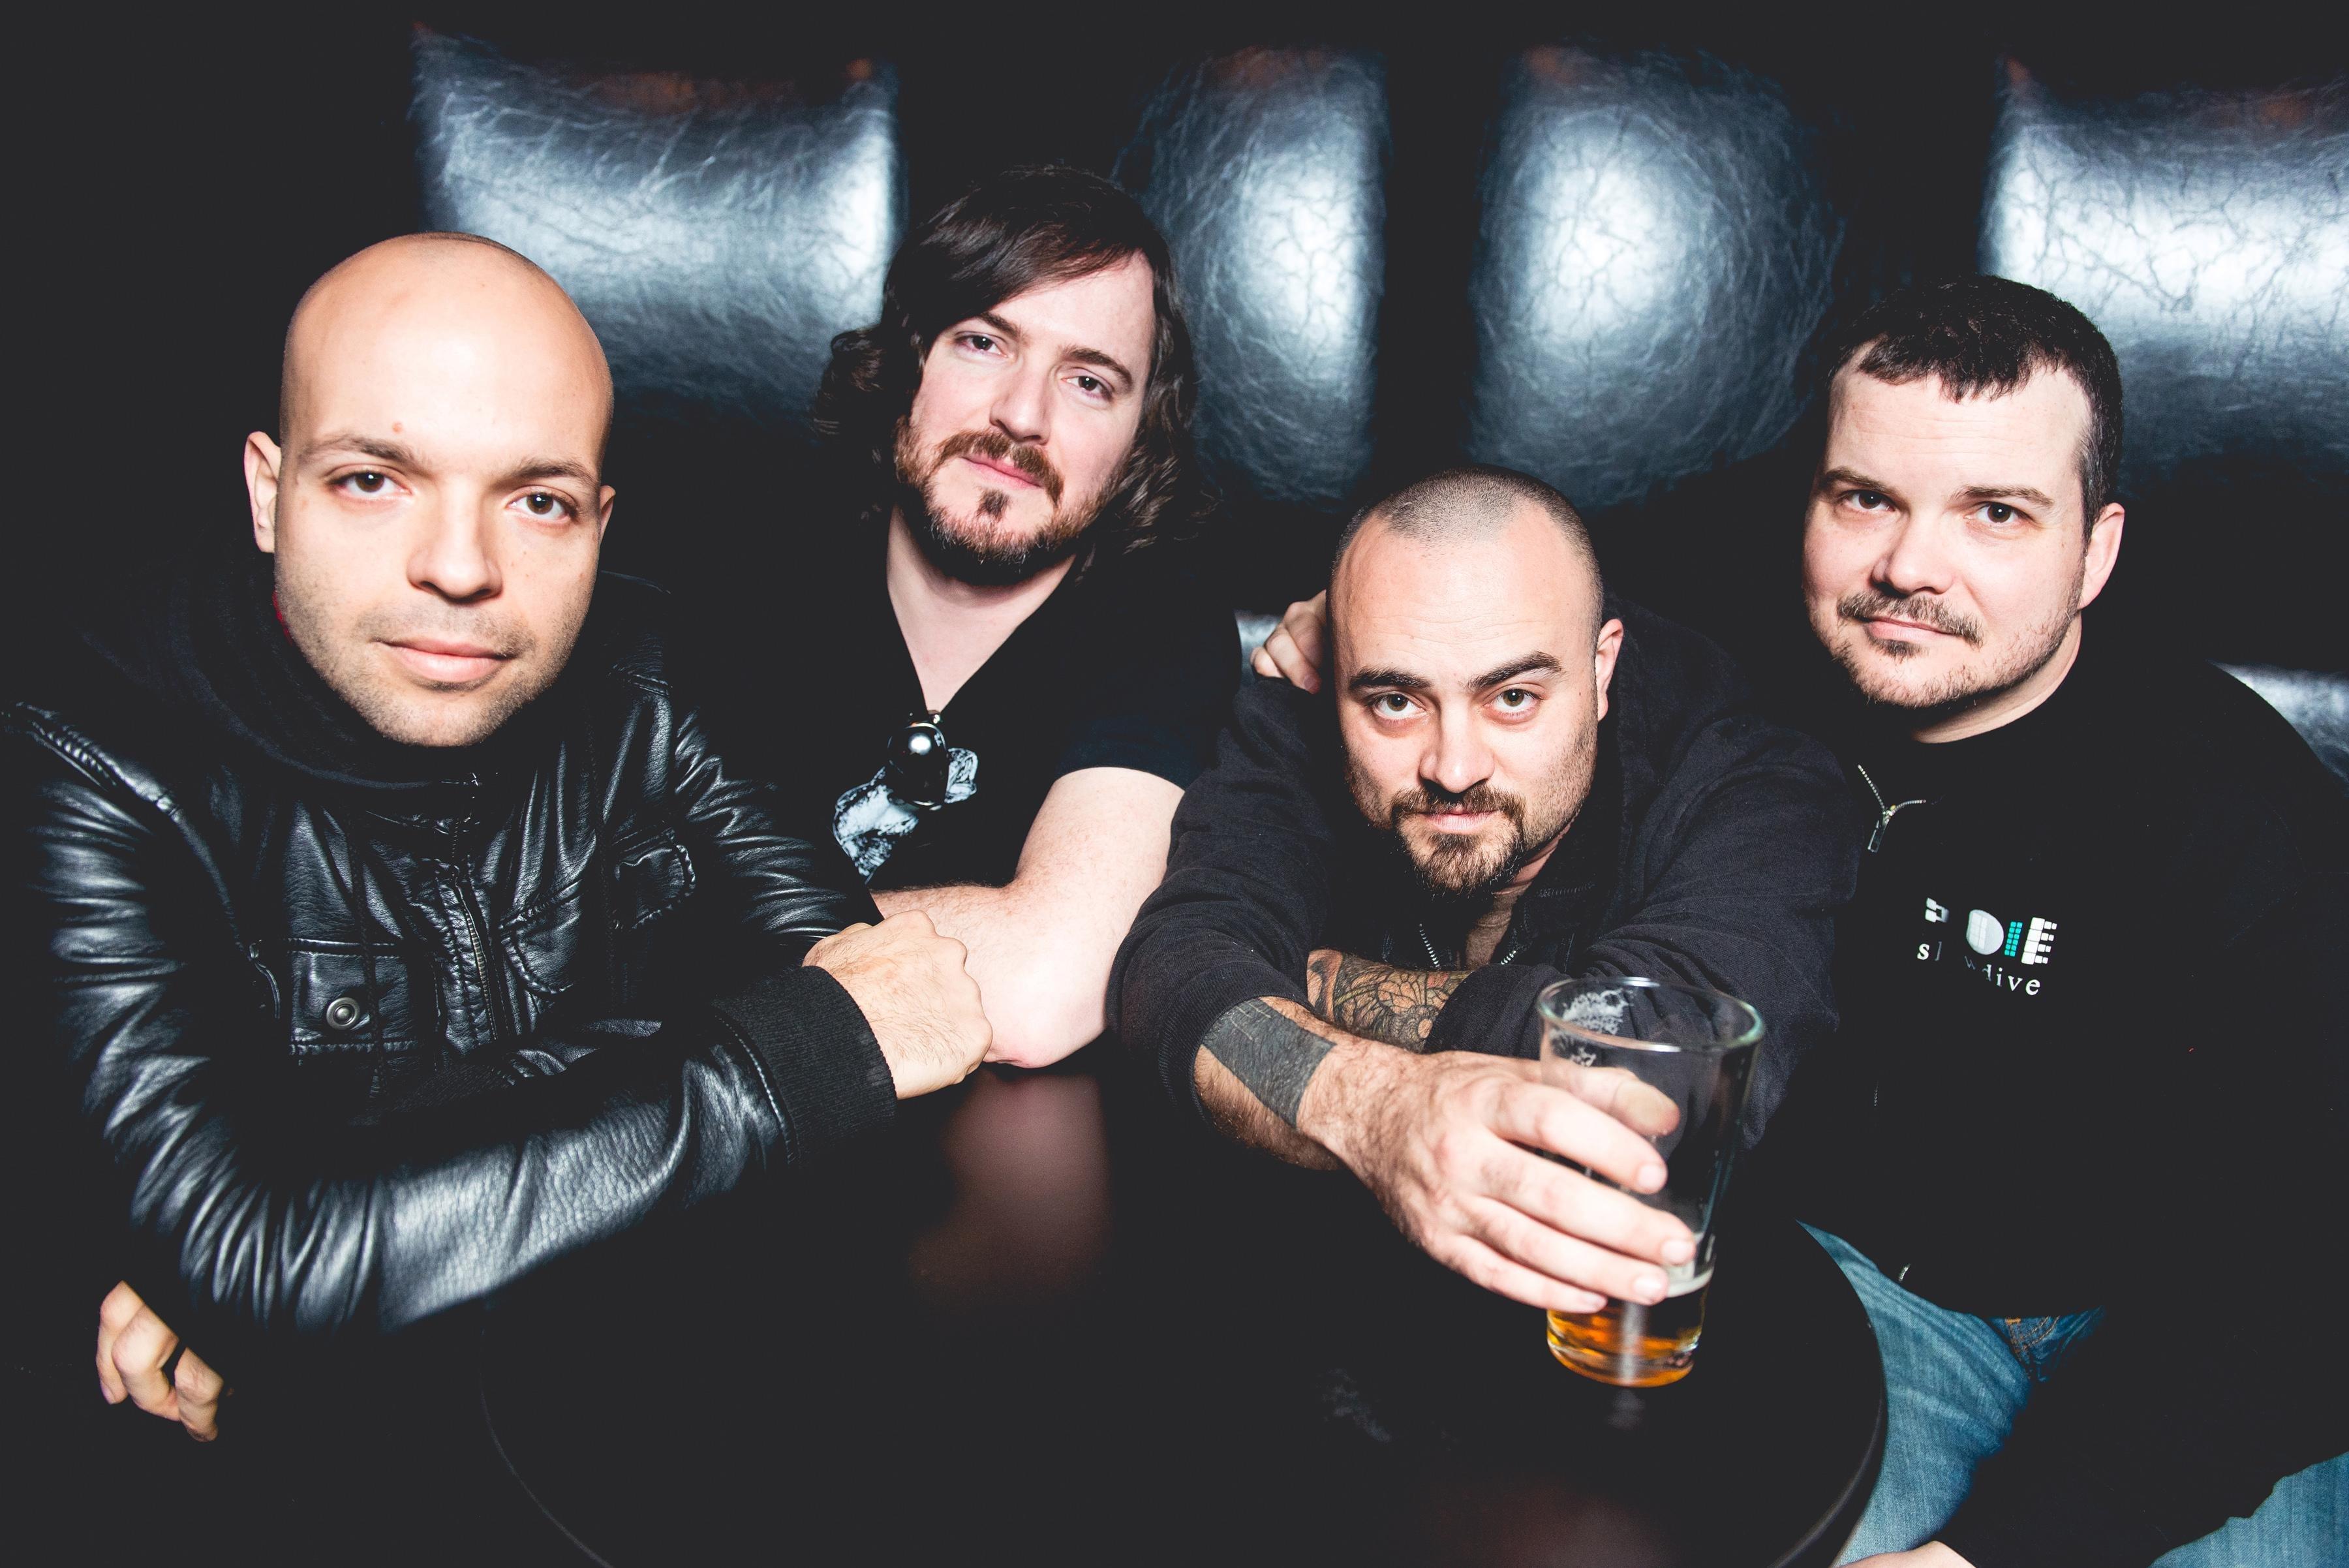 TORCHE釋出新的重迷幻專輯中的單曲 Slide 及新的巡迴演出